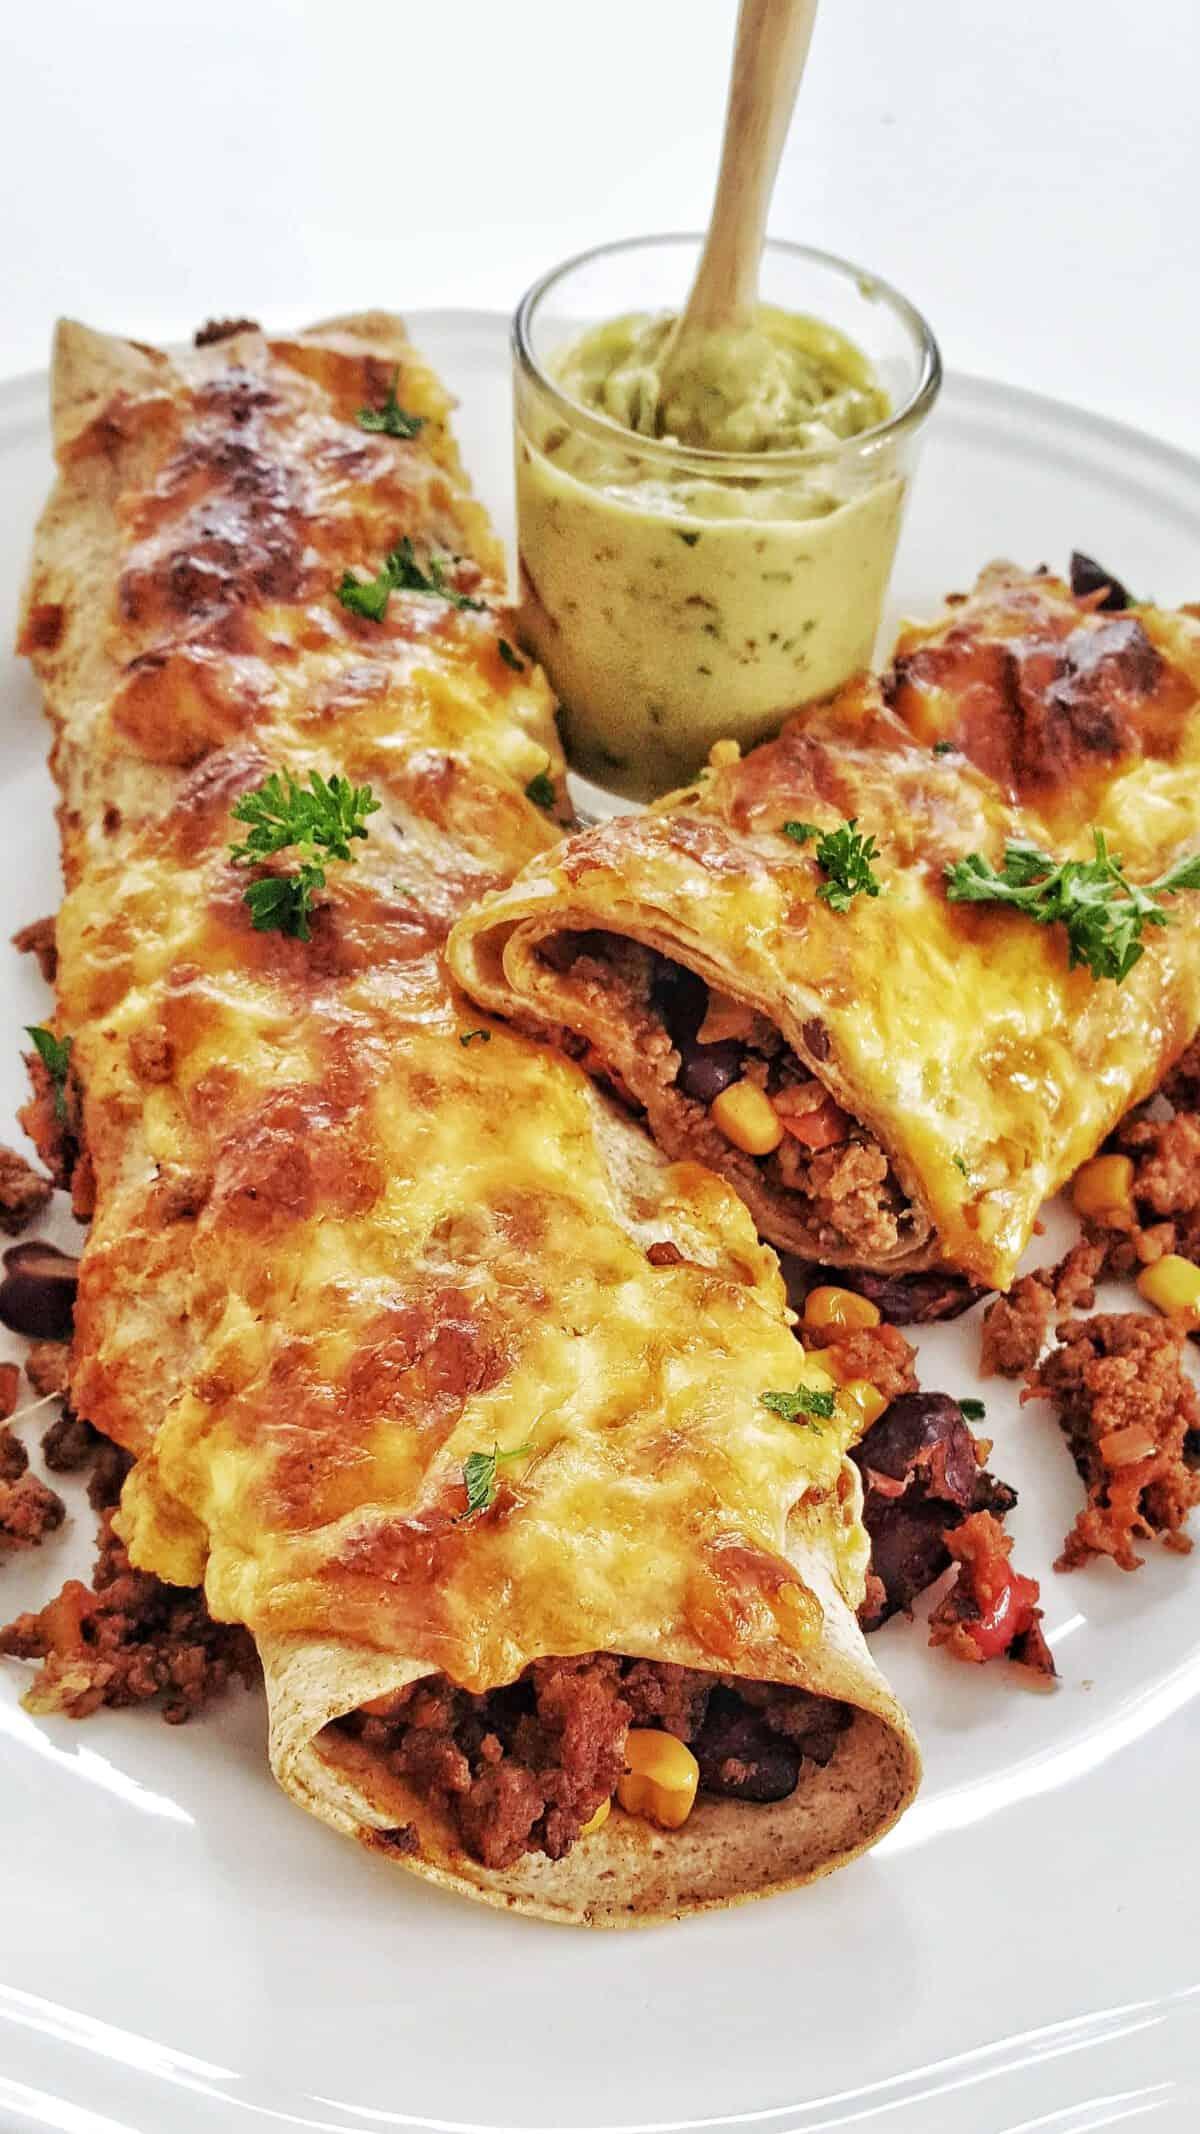 Auf einem weißen Teller angerichtet überbackene und mit Hackfleisch gefüllte Enchiladas. Mit Petersilie bestreut.